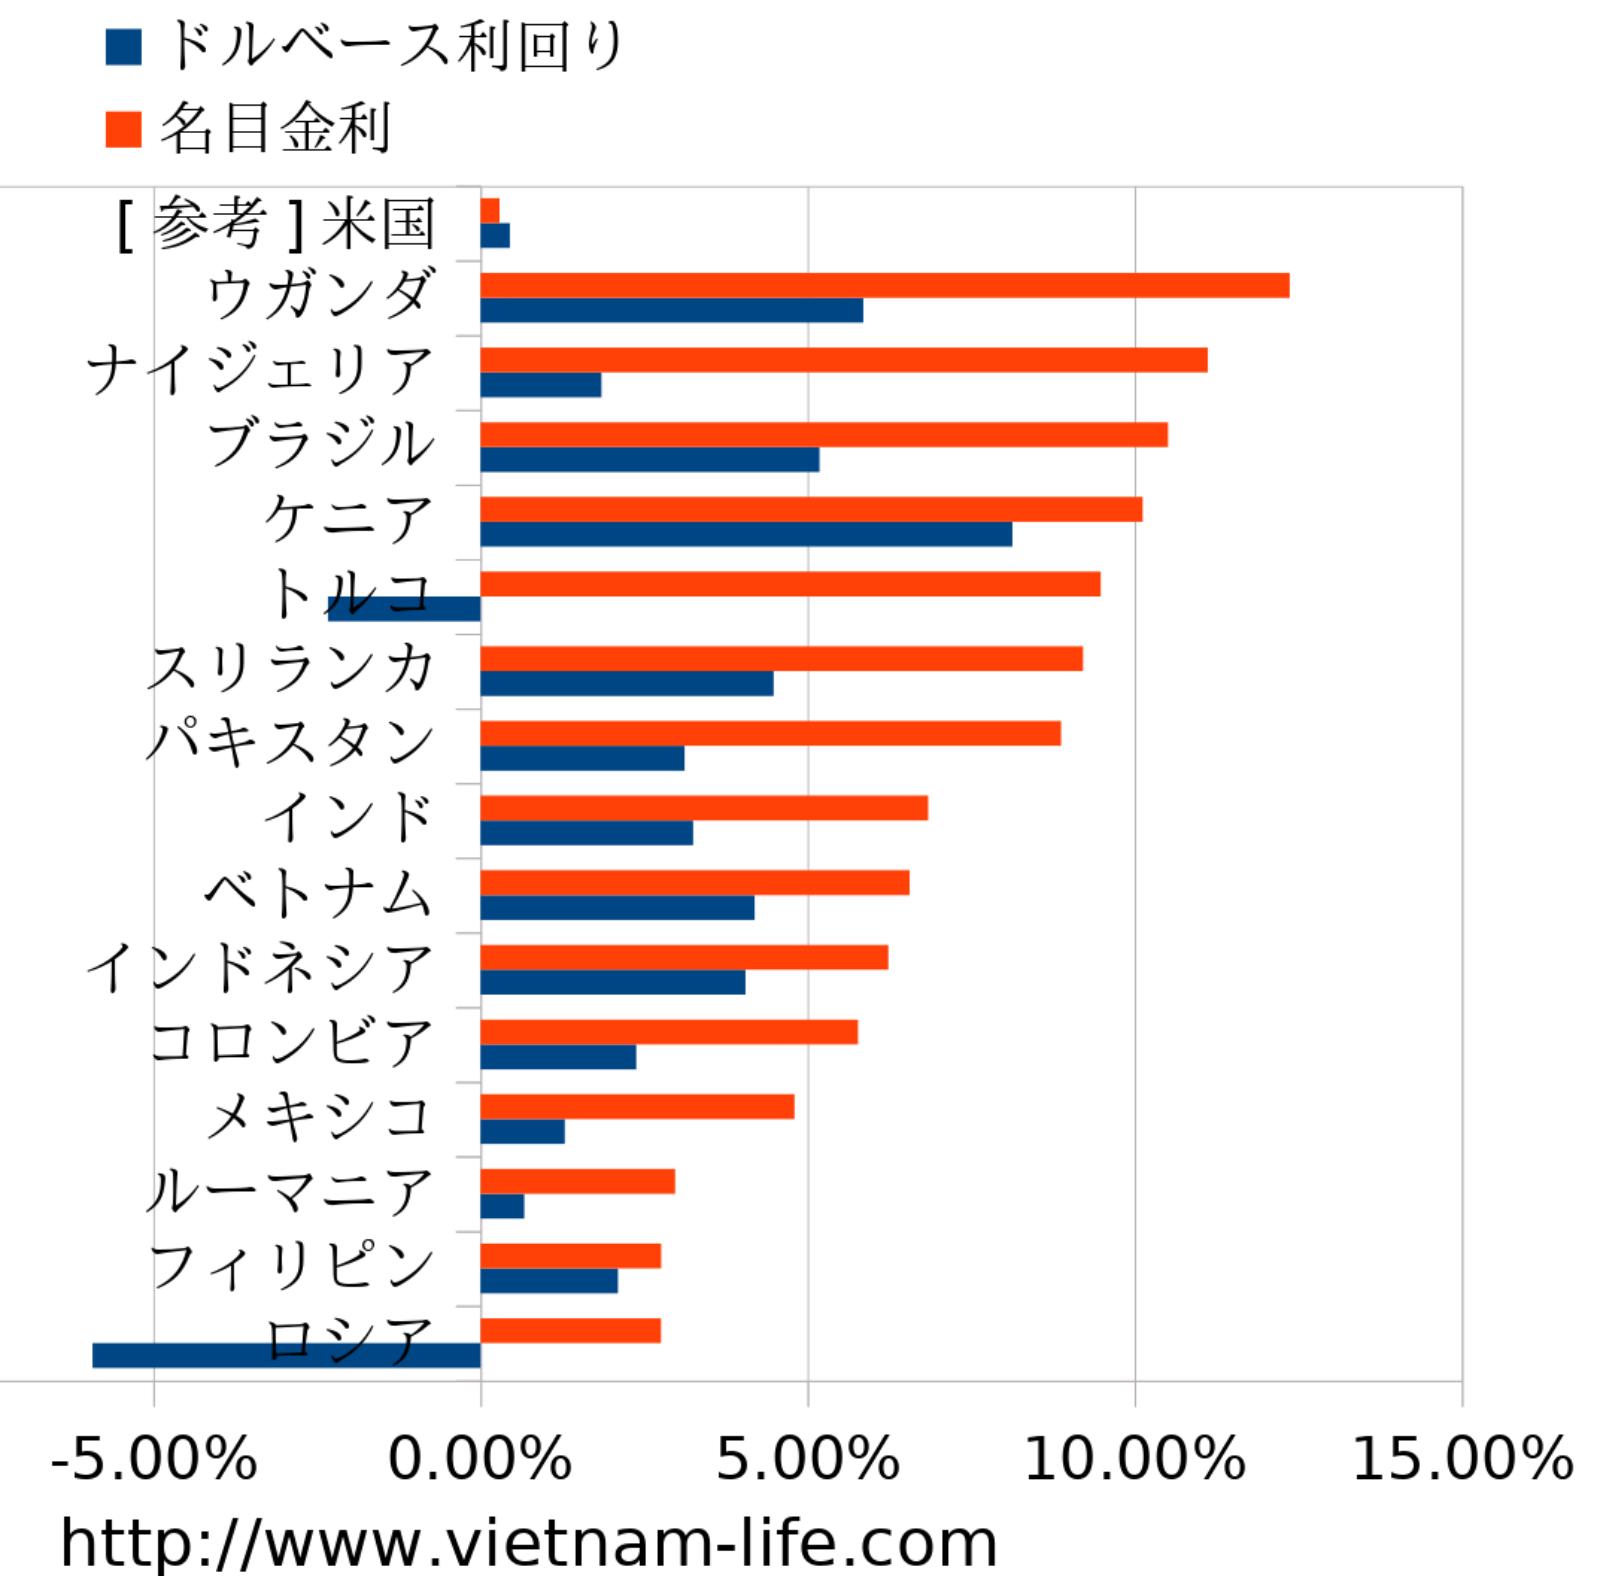 名目金利順新興国債券棒グラフ